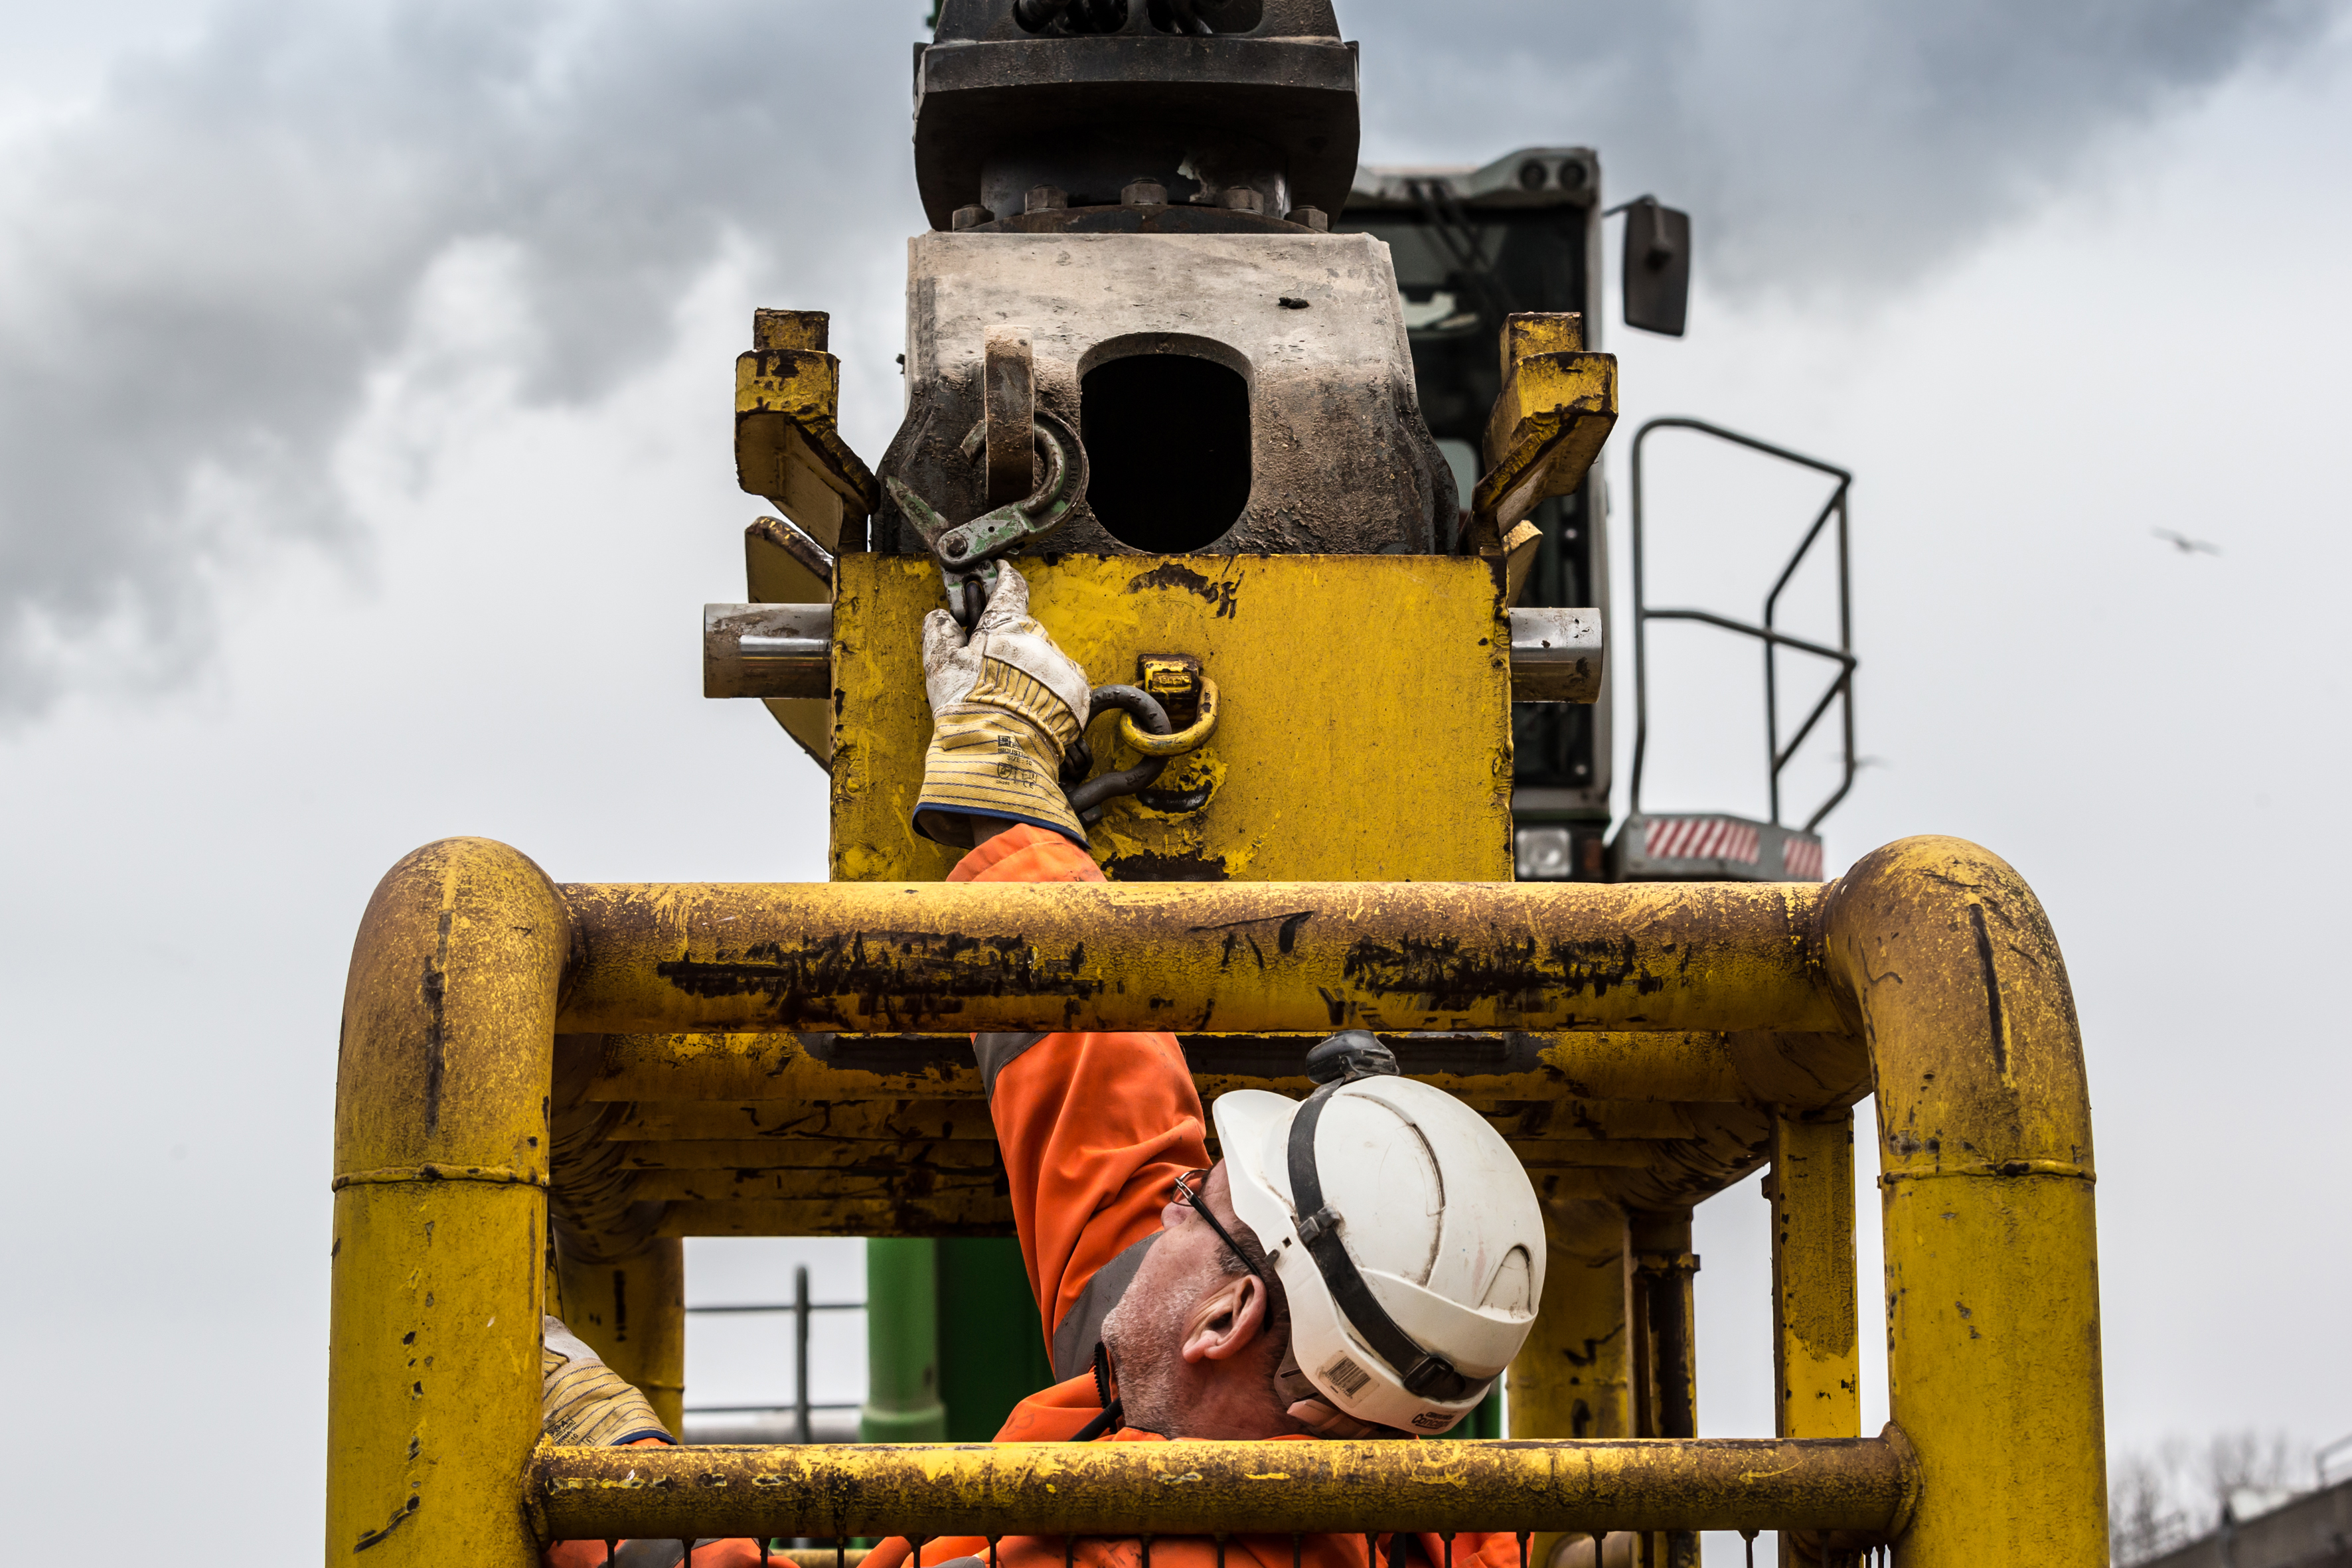 <p>Om er bij een eventuele hydrauliekuitval zeker van te zijn dat de kooi niet van de kraan losschiet, is deze extra gezekerd met een ketting.</p>